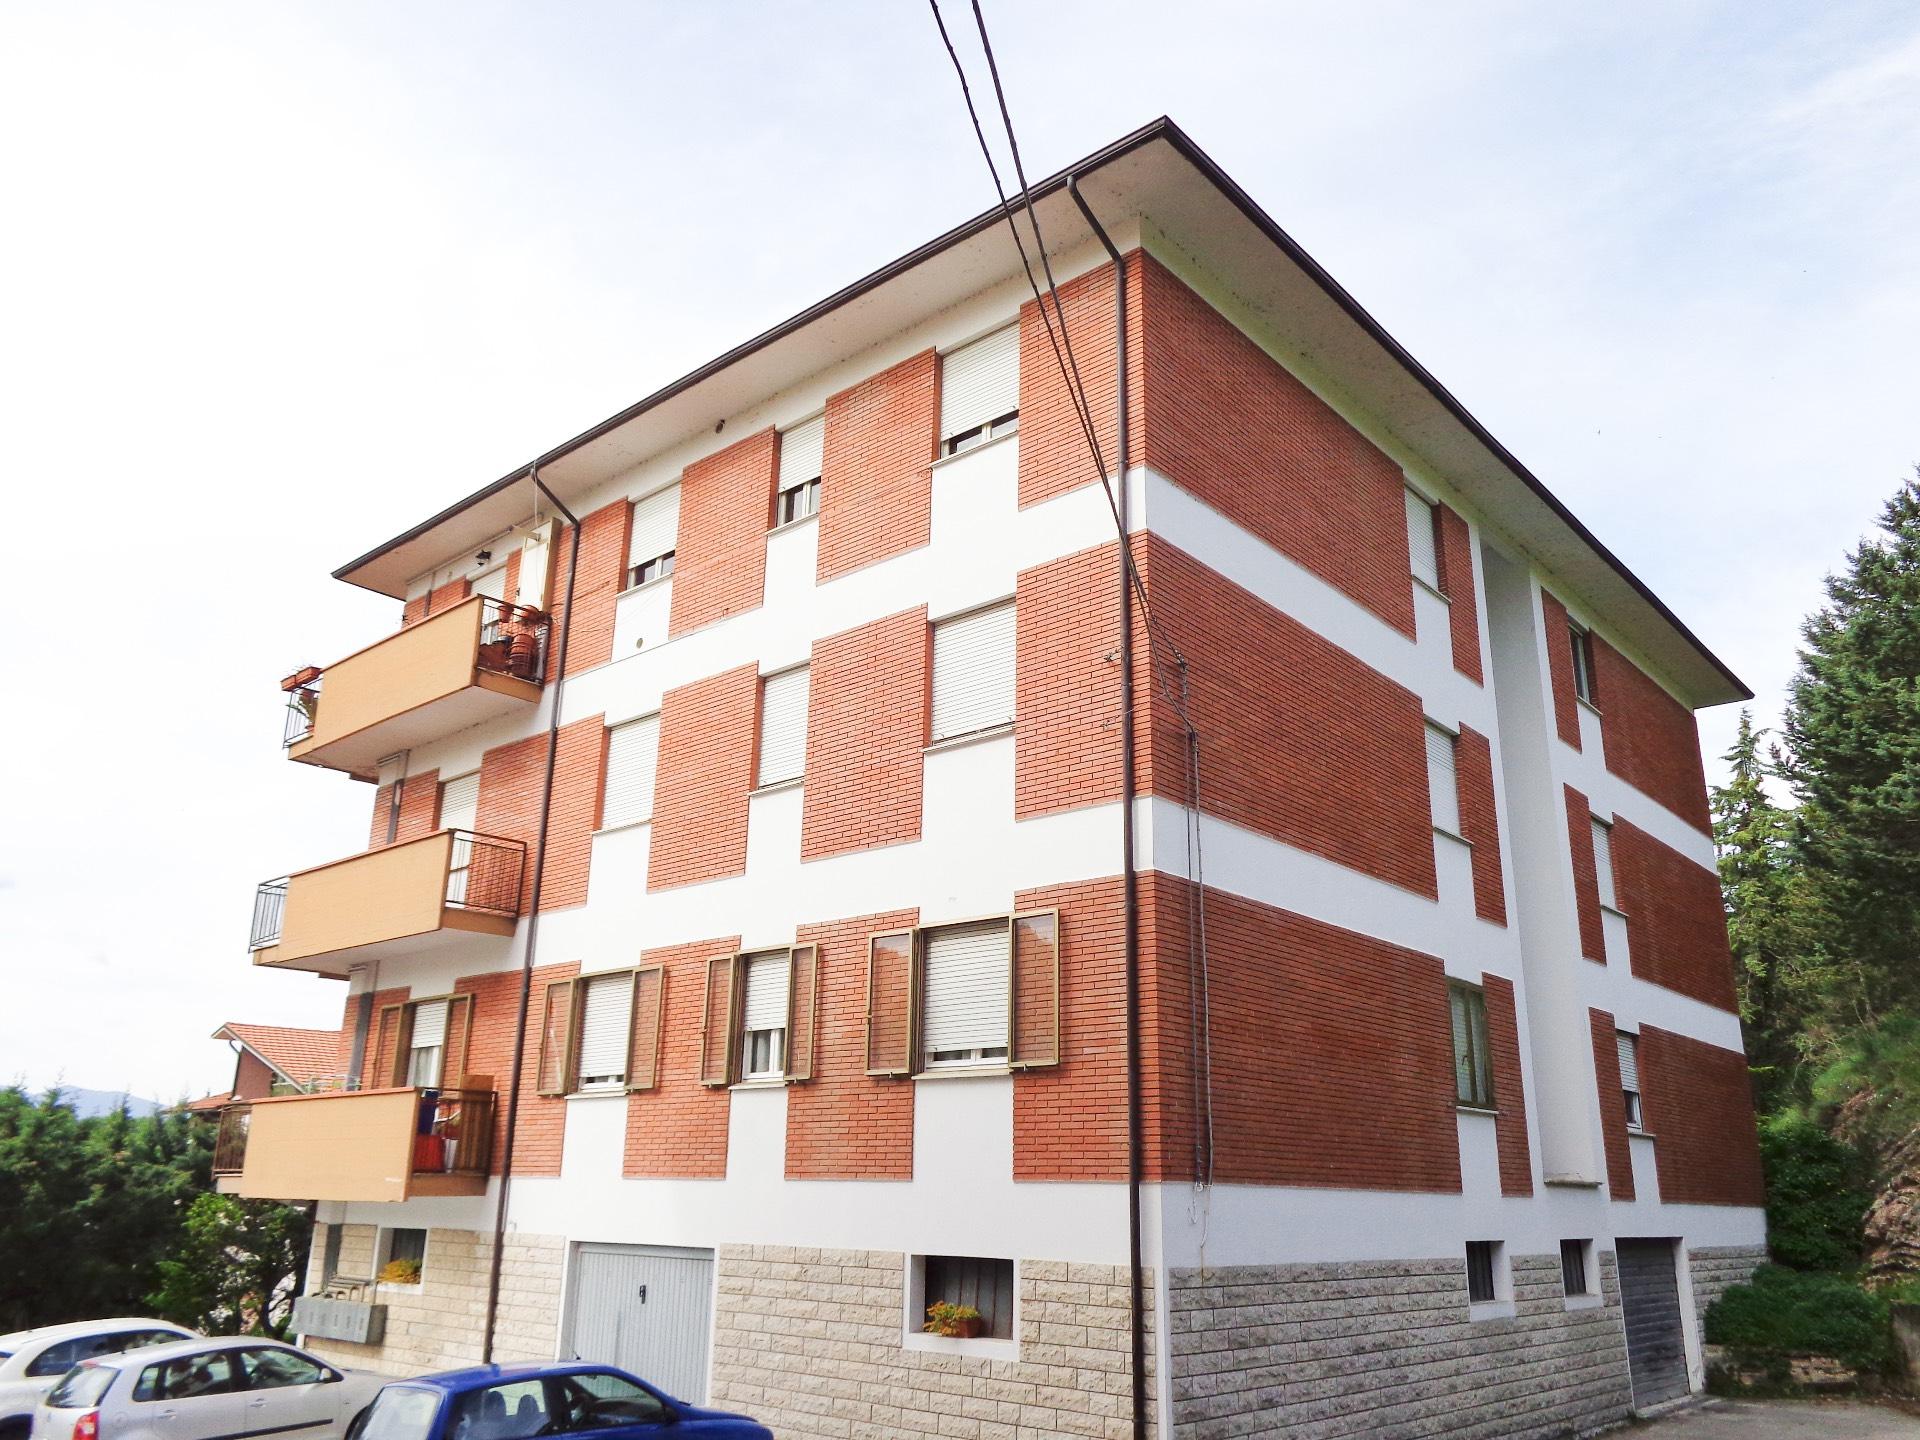 Appartamento in vendita a Sassoferrato, 7 locali, prezzo € 79.000   CambioCasa.it